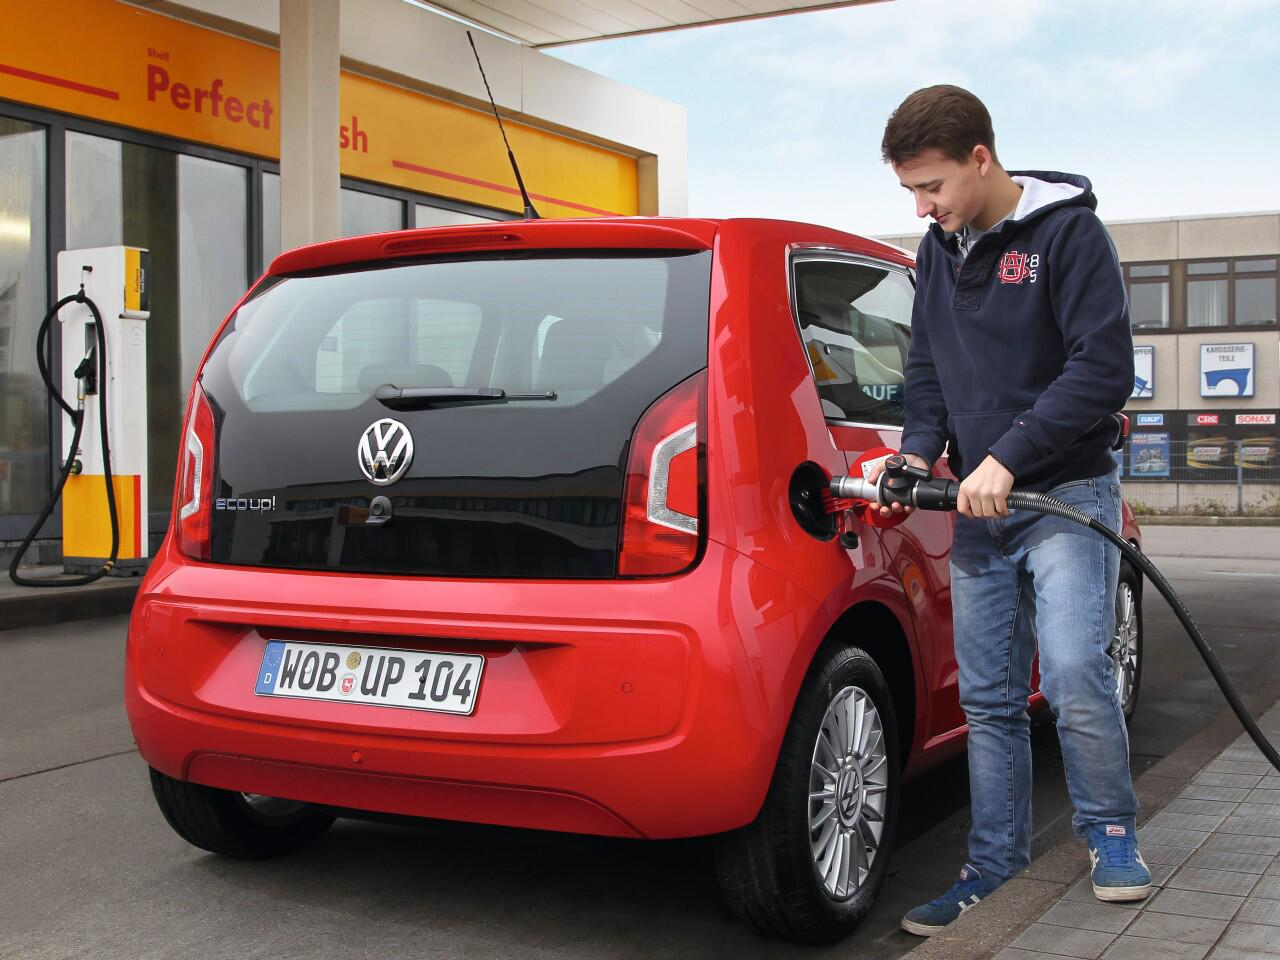 Bild zu VW Eco Up: In einem Test schnitt er als sparsamstes Winterauto ab